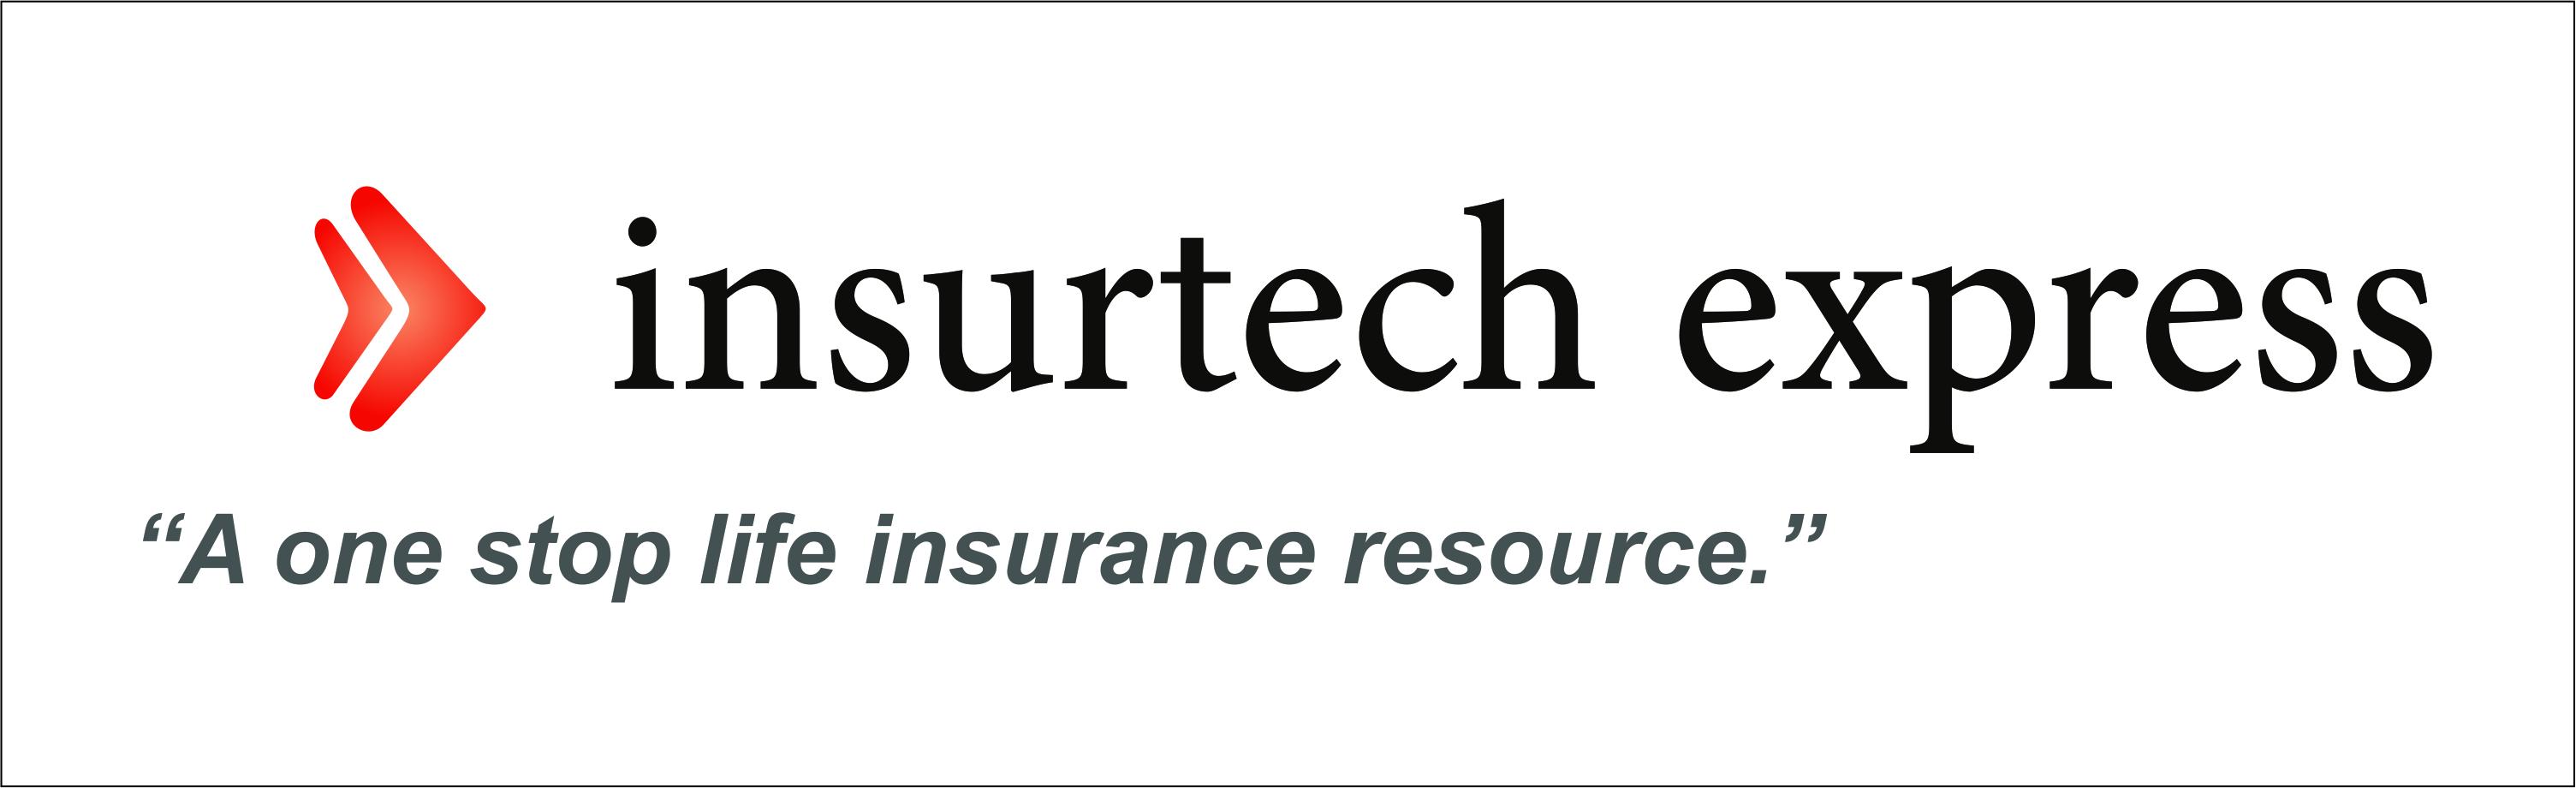 Insuretech Express